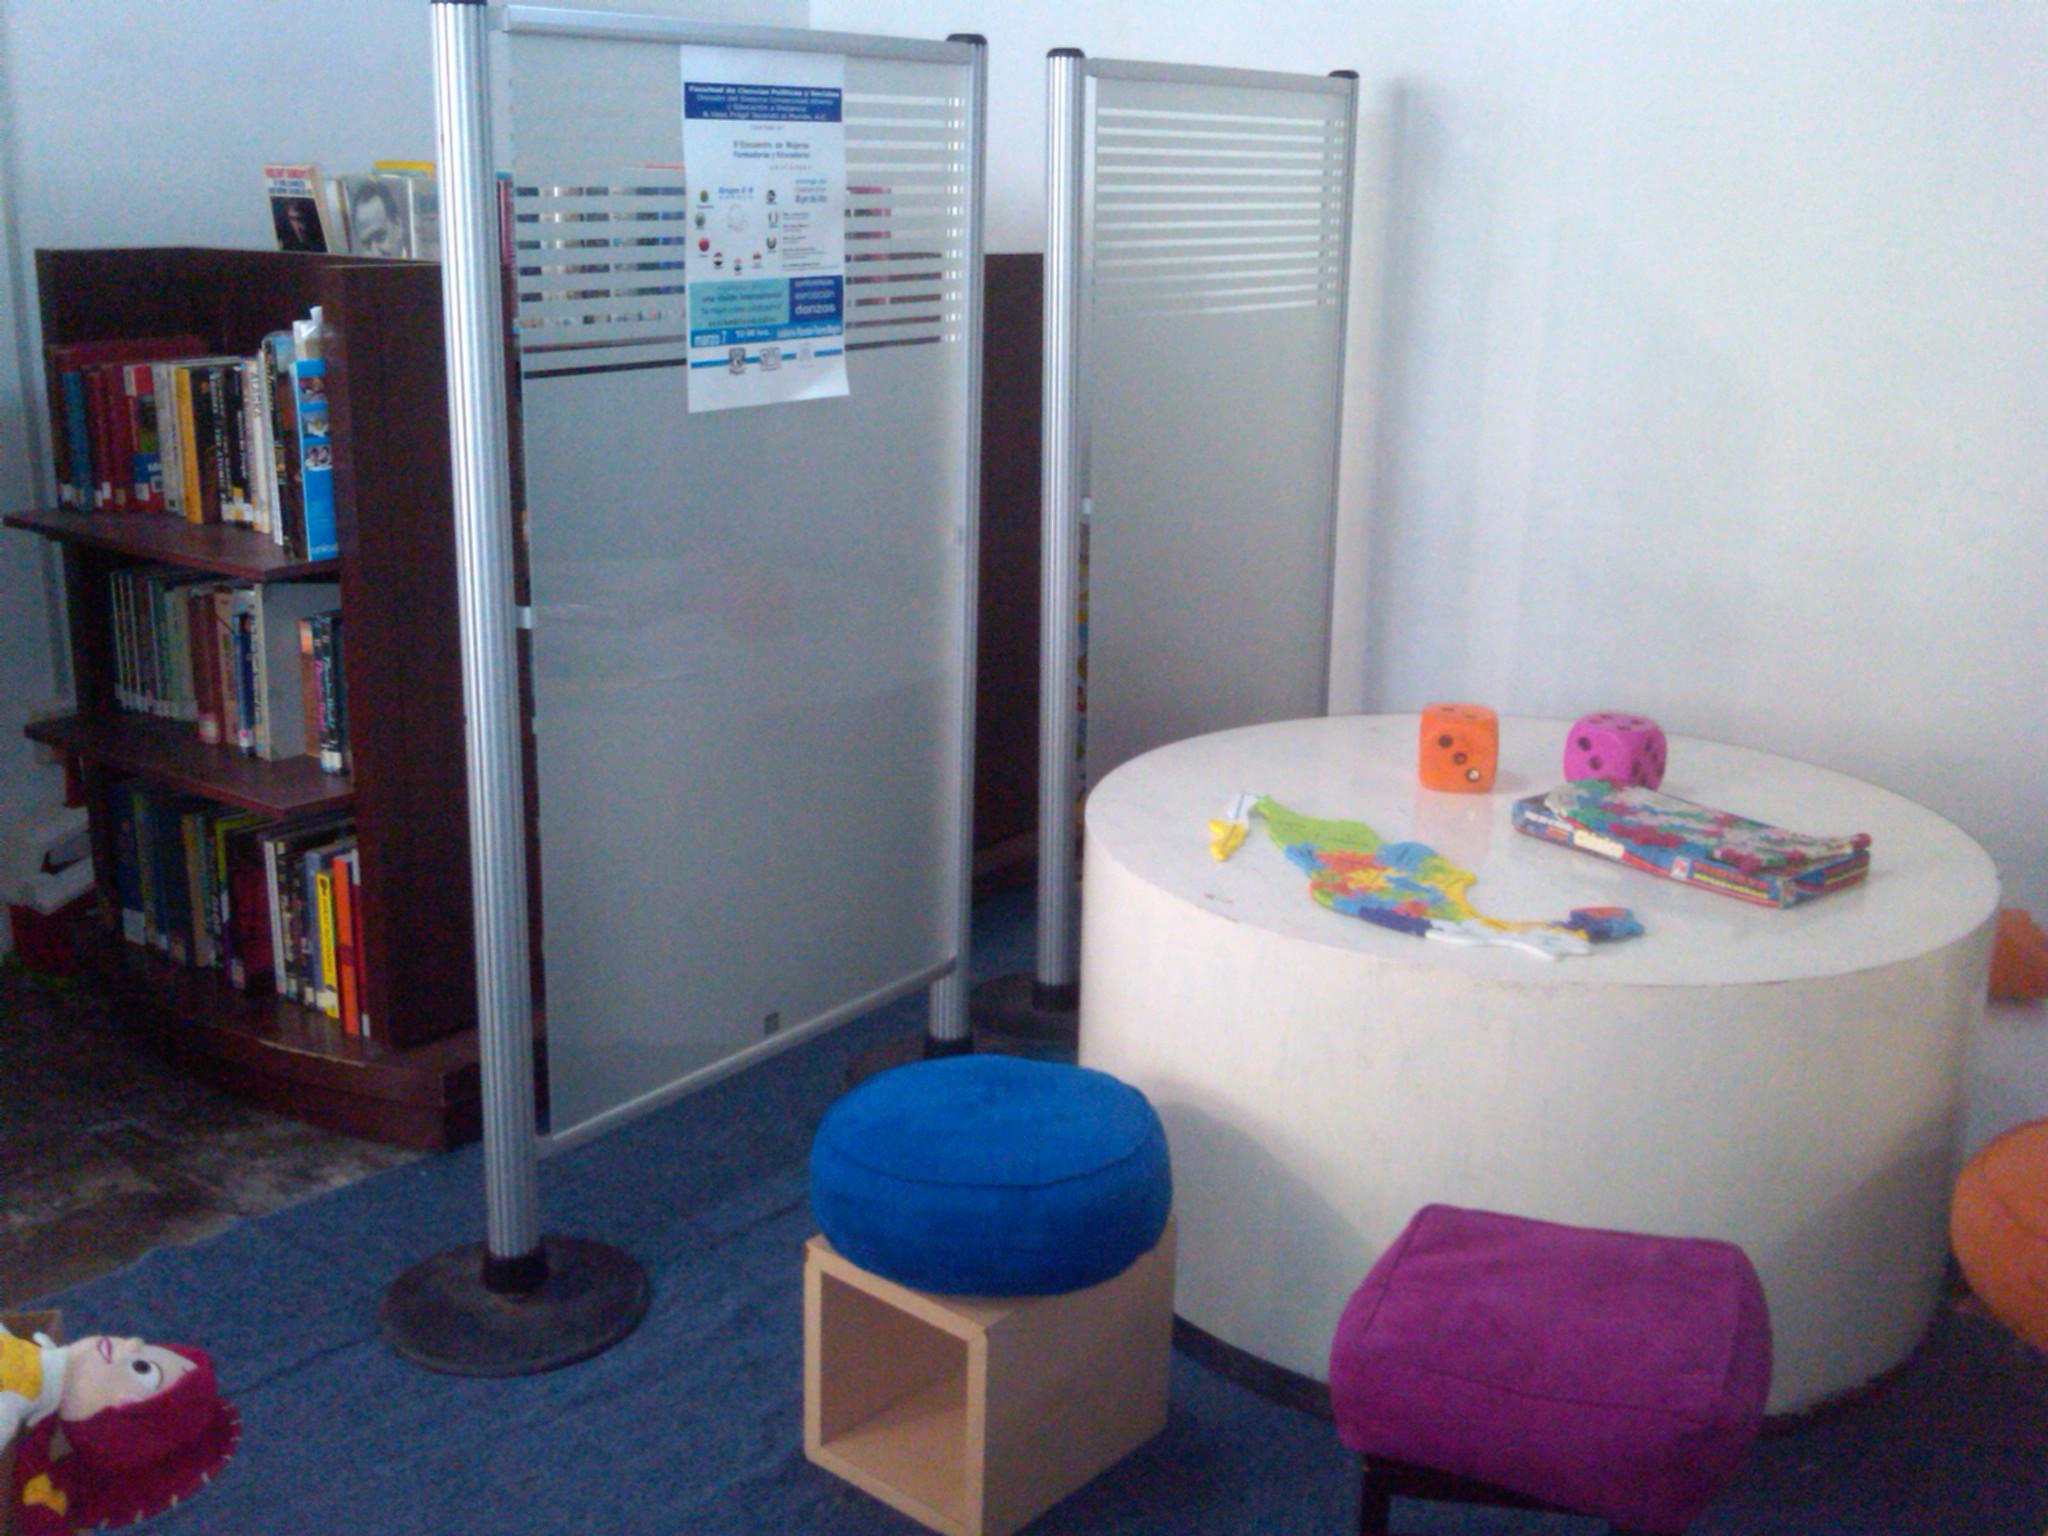 Adecuación_de_la_Biblioteca_José_de_Jesús_Gómez_Torres_1